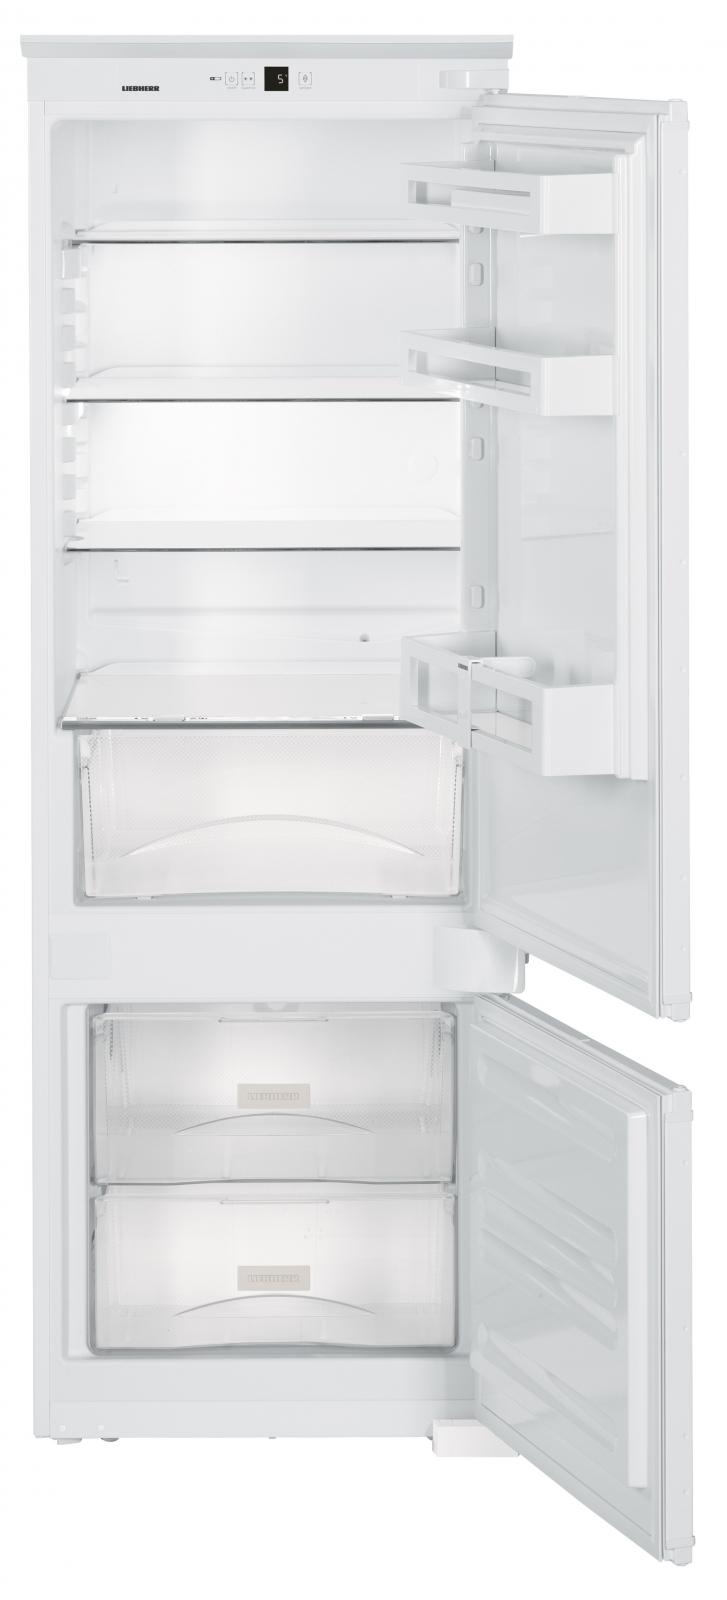 купить Встраиваемый двухкамерный холодильник Liebherr ICUS 2924 Украина фото 2